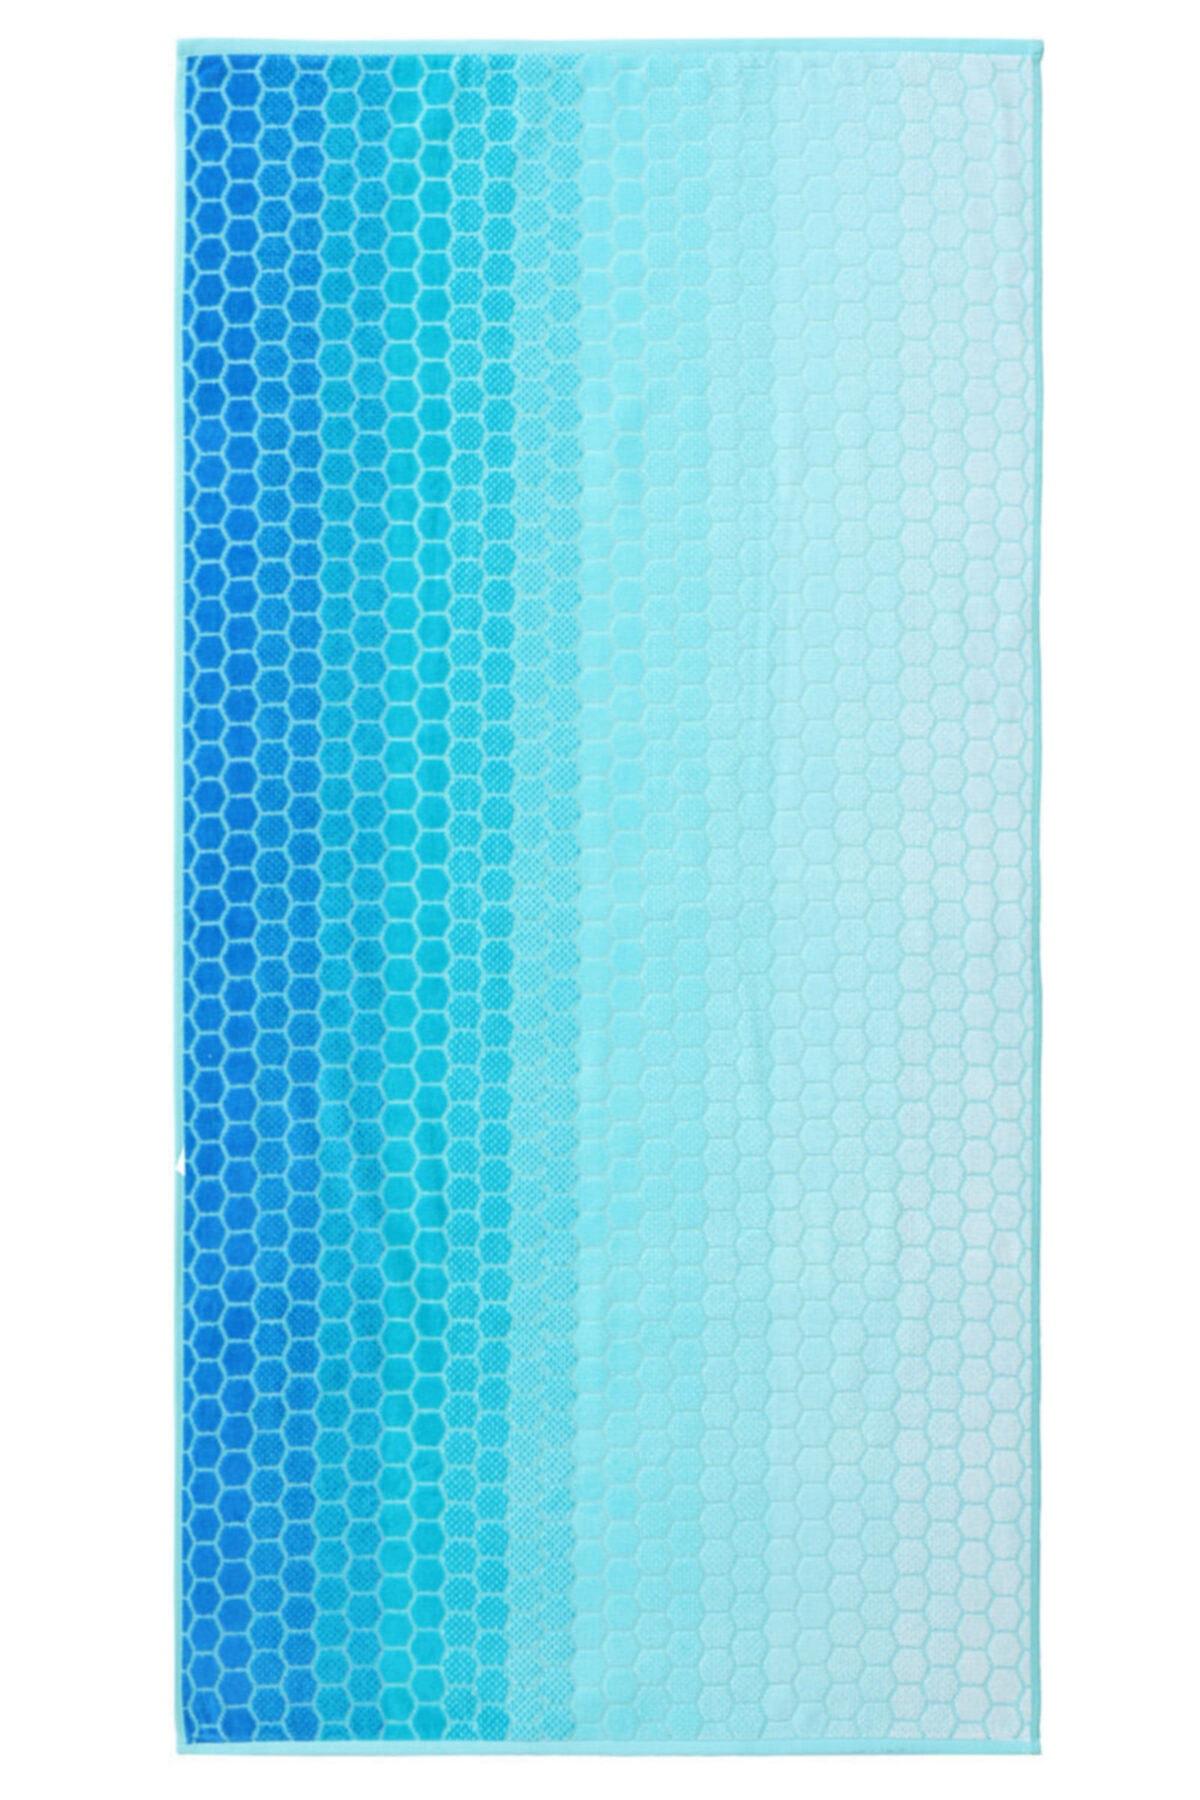 Özdilek Summer Heat Ombre Mavi Kadife 70x140 Cm. Plaj Havlusu 1